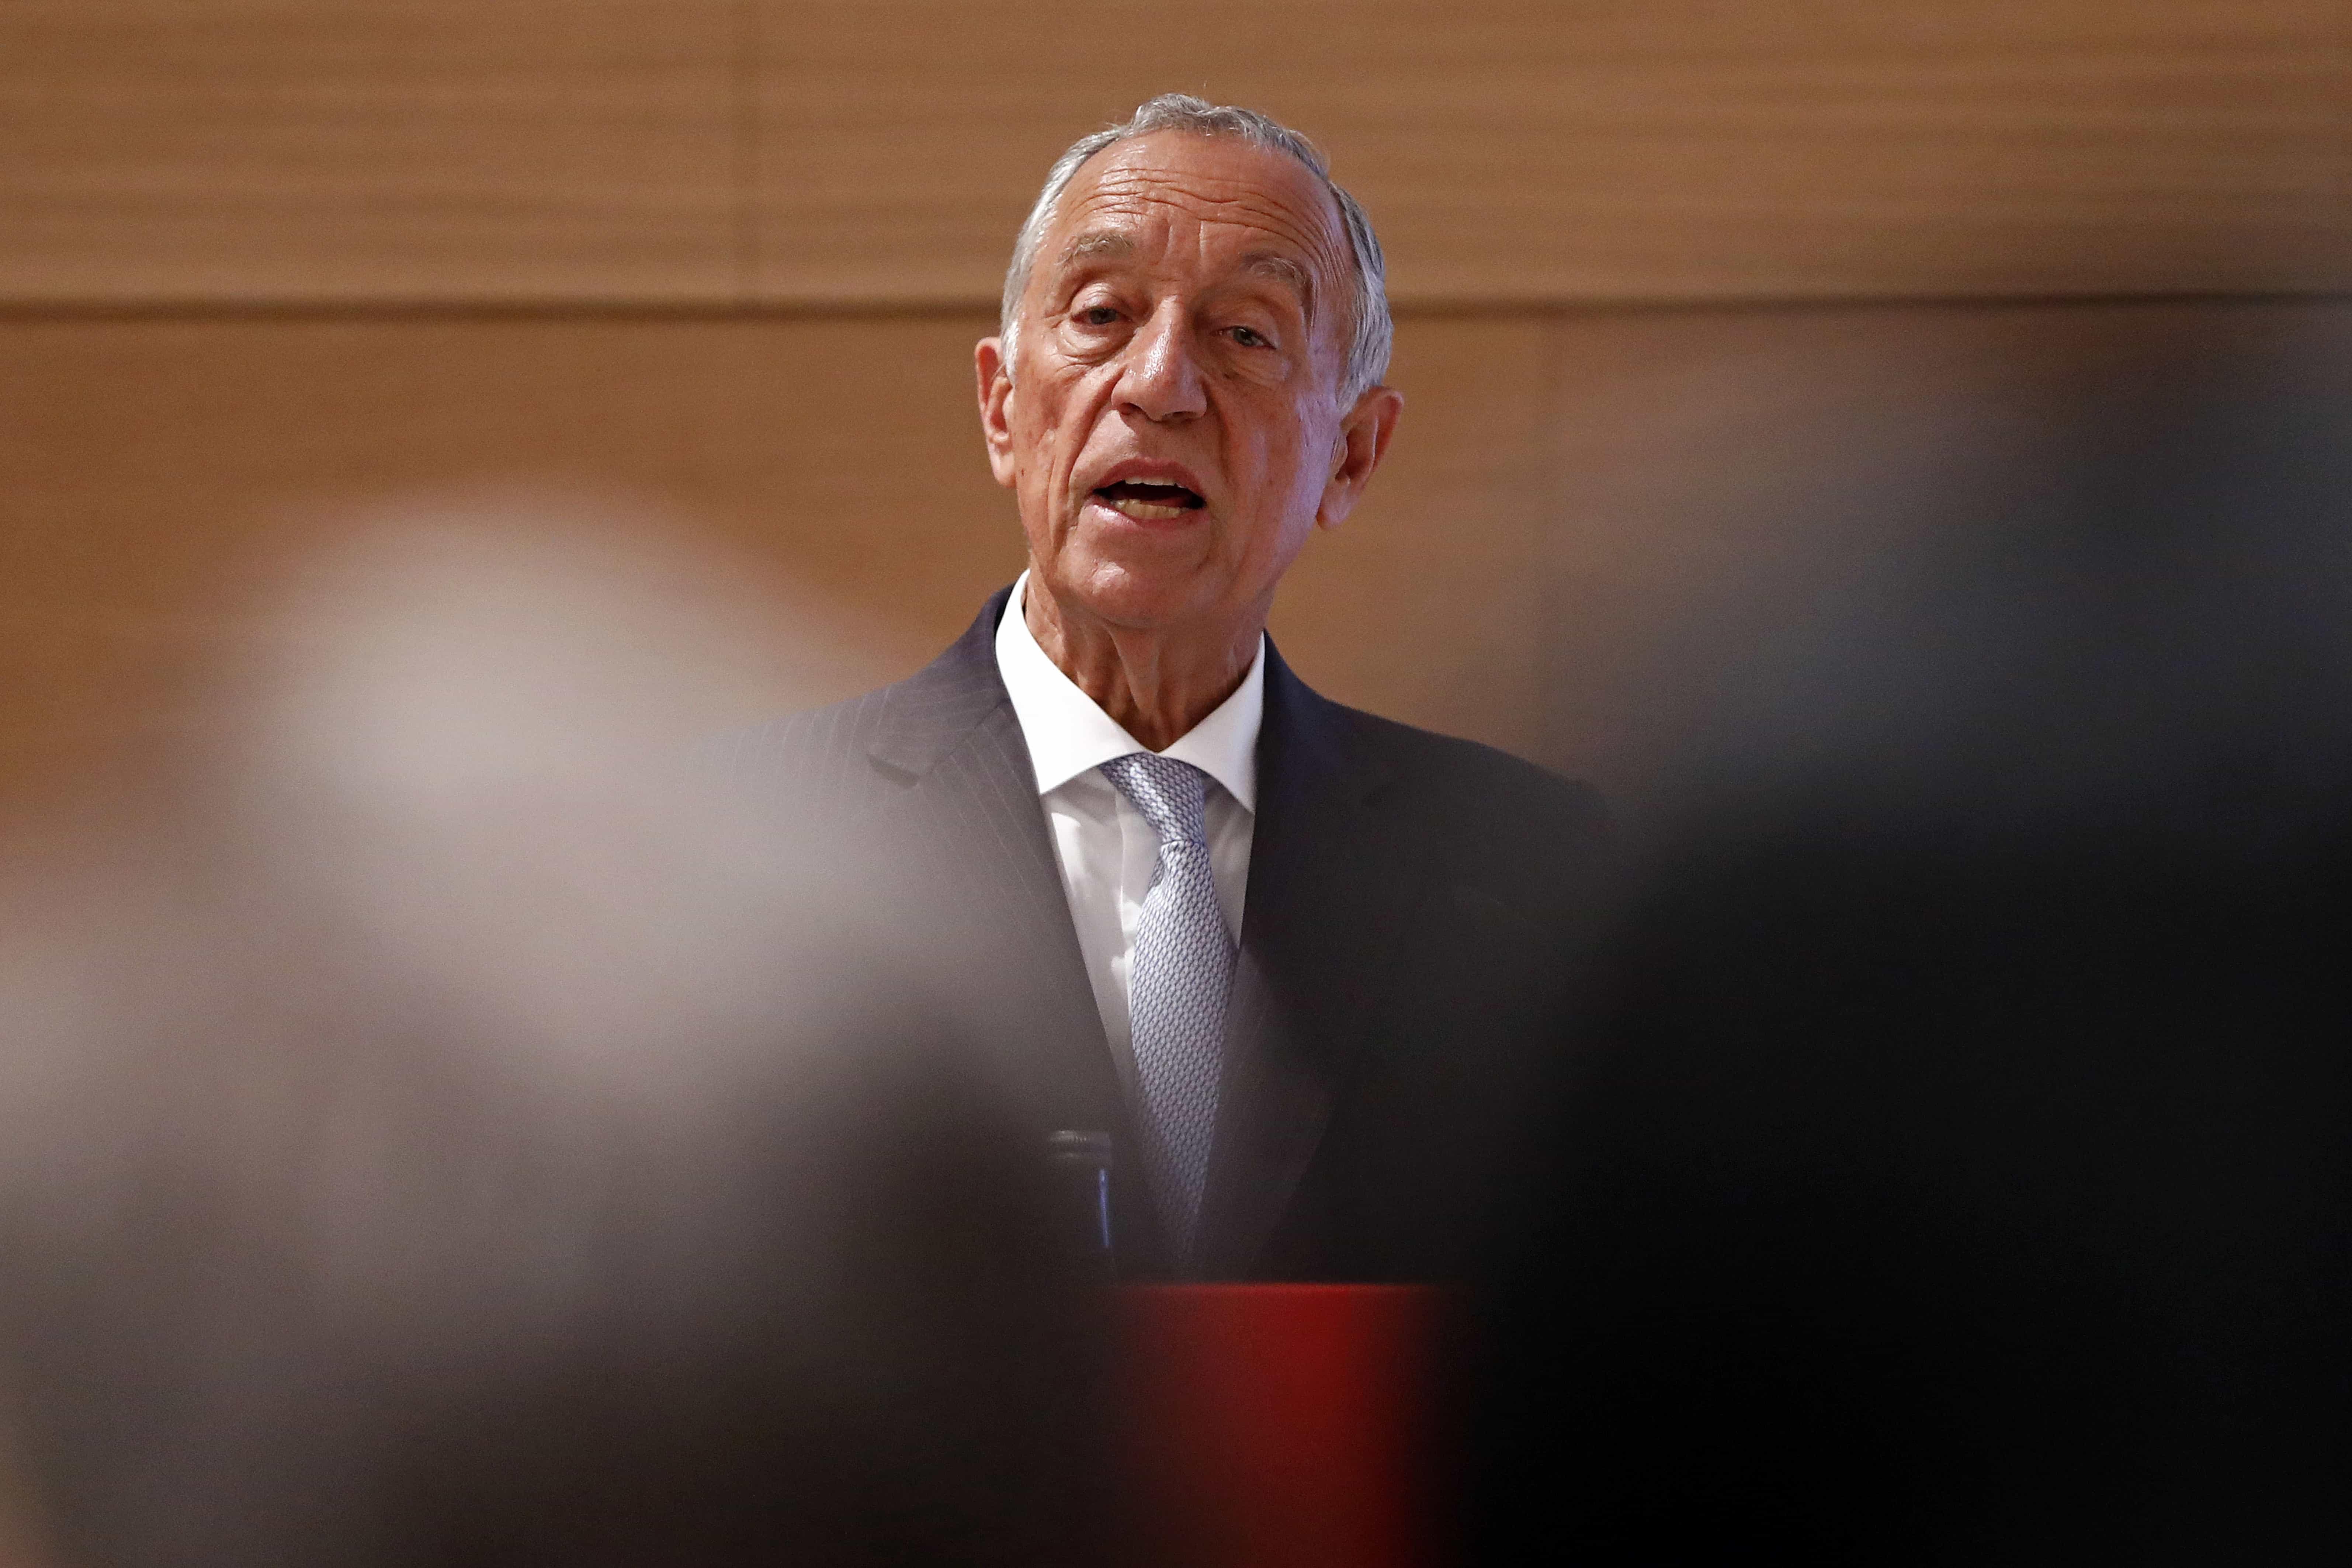 Marcelo condena ataques e expressa condolências à Nova Zelândia